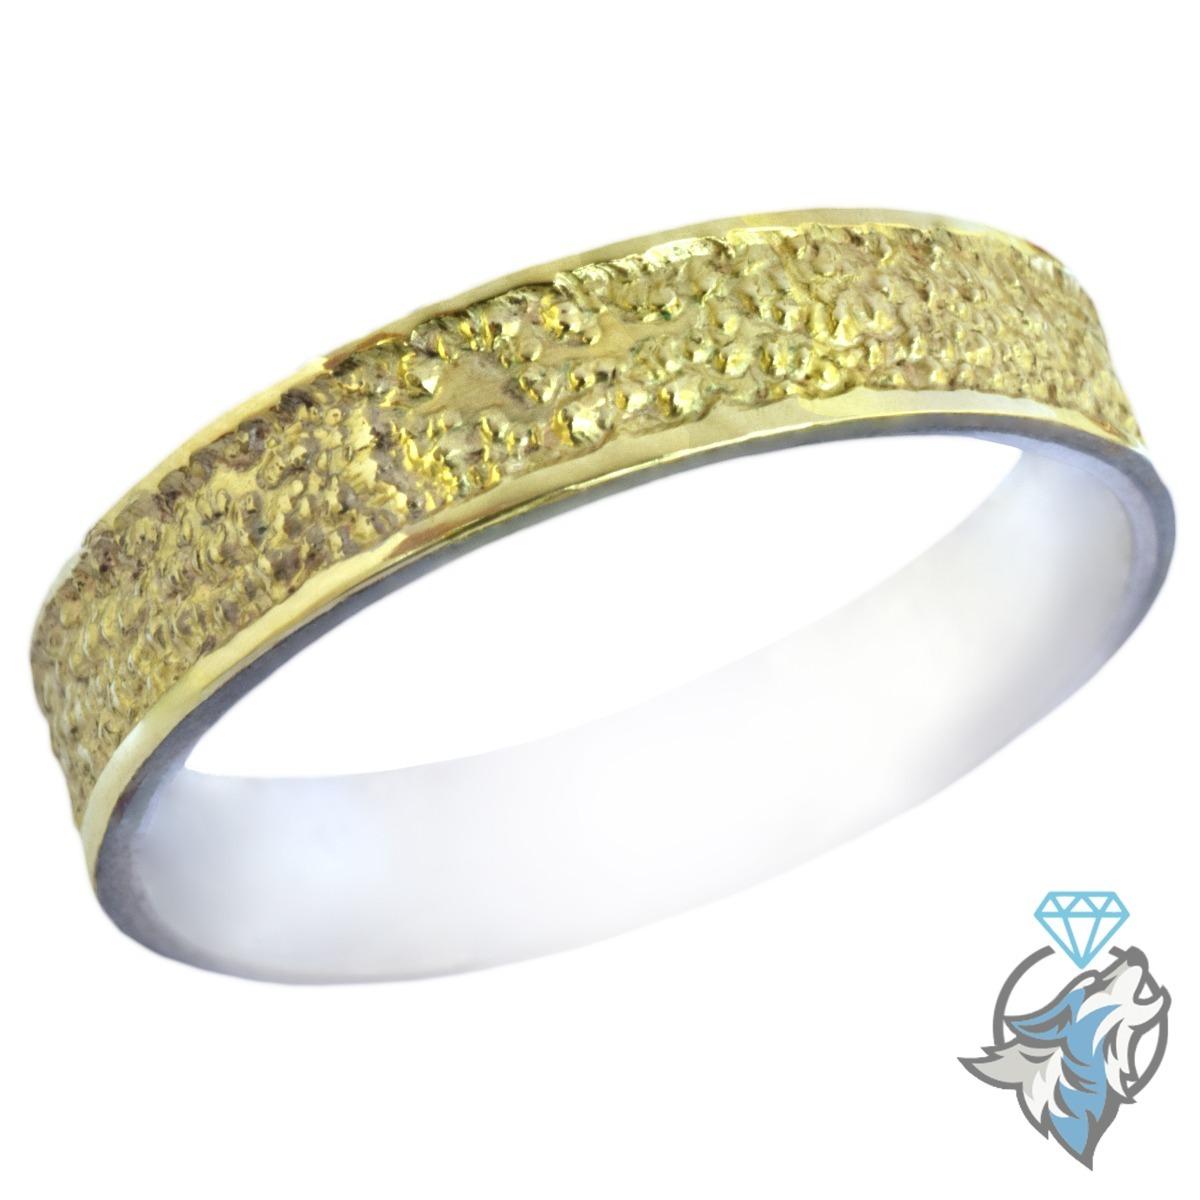 2daaa32f6d13 par alianzas en plata 925 oro 18k casamiento matrimonio boda. Cargando zoom.